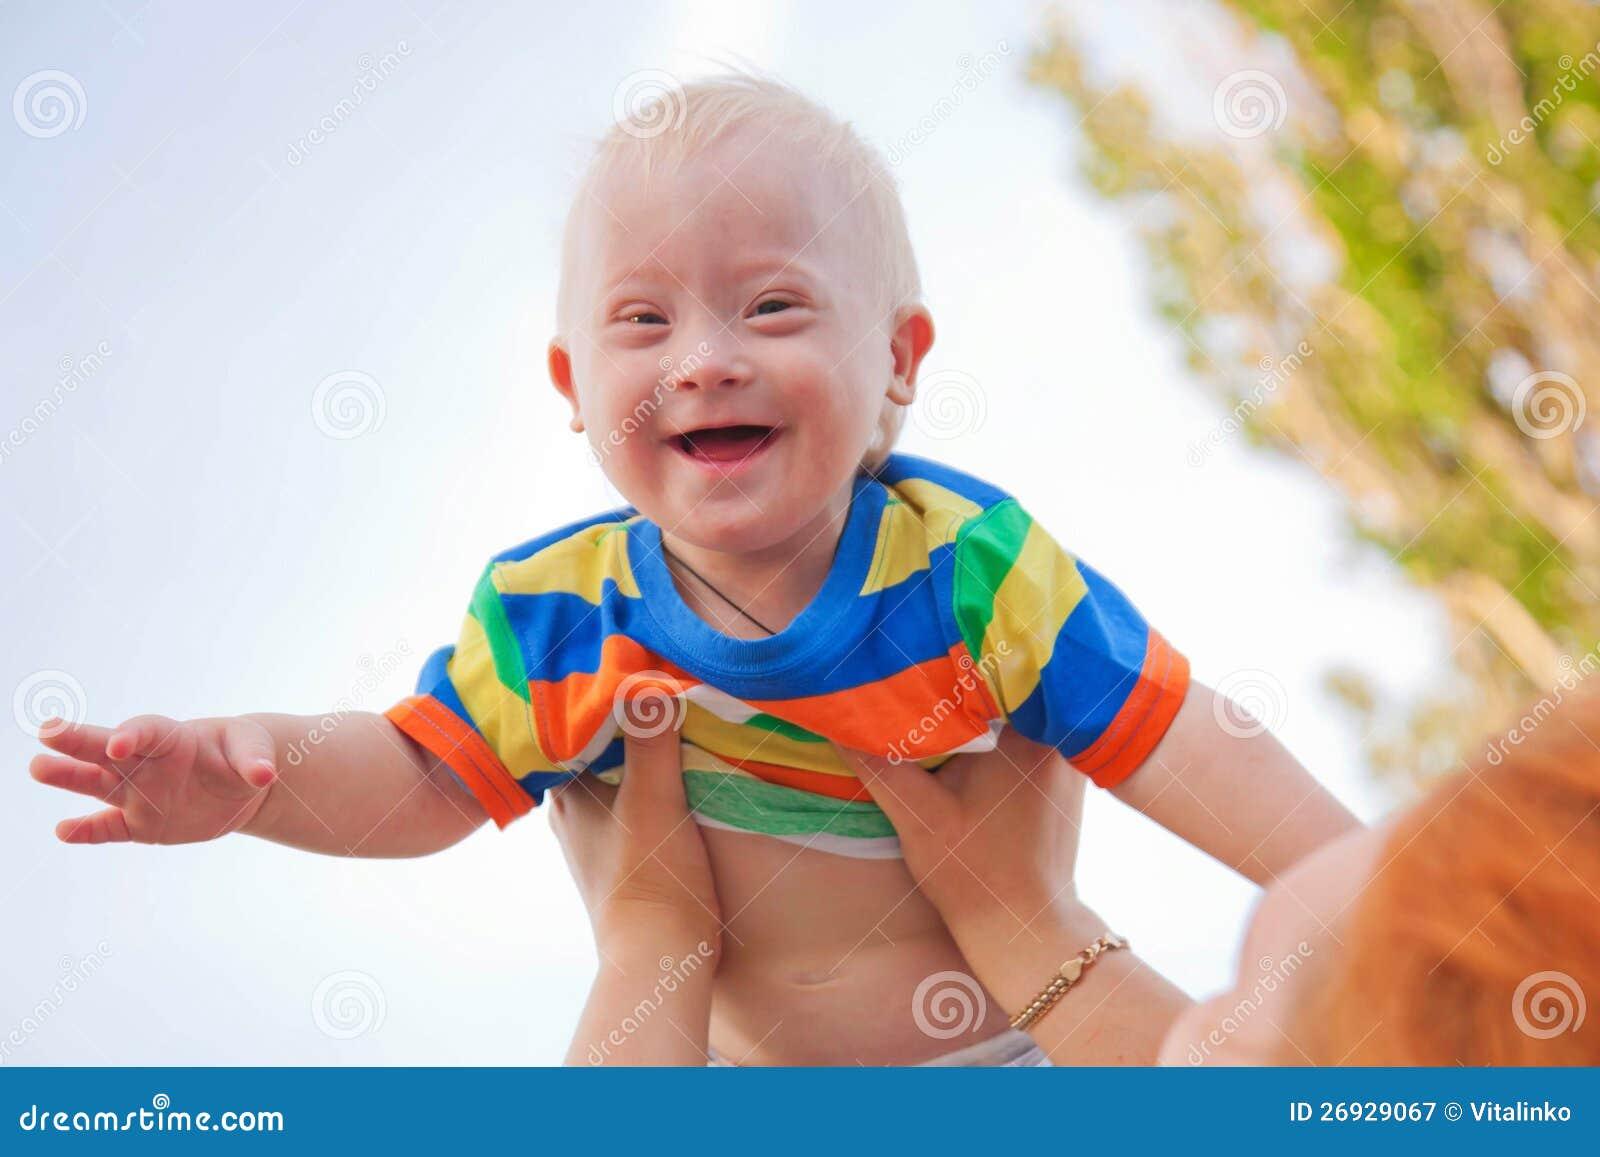 Младенец с Дошн Сындроме